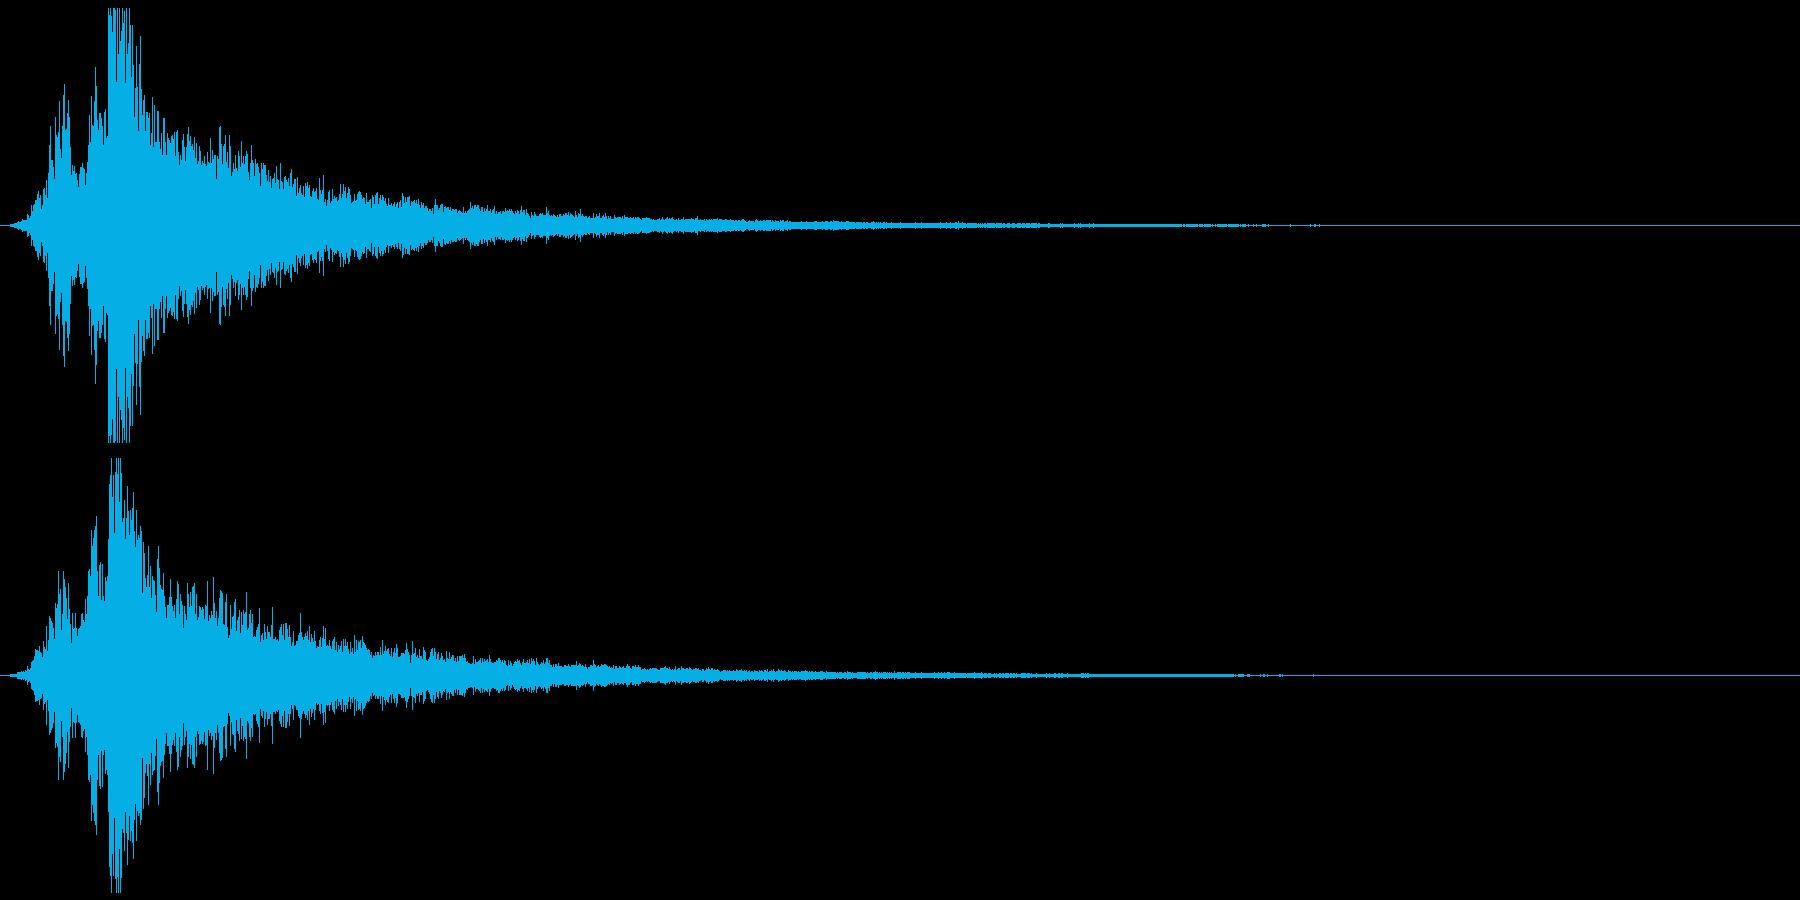 ガキーンという刀のインパクト音の再生済みの波形